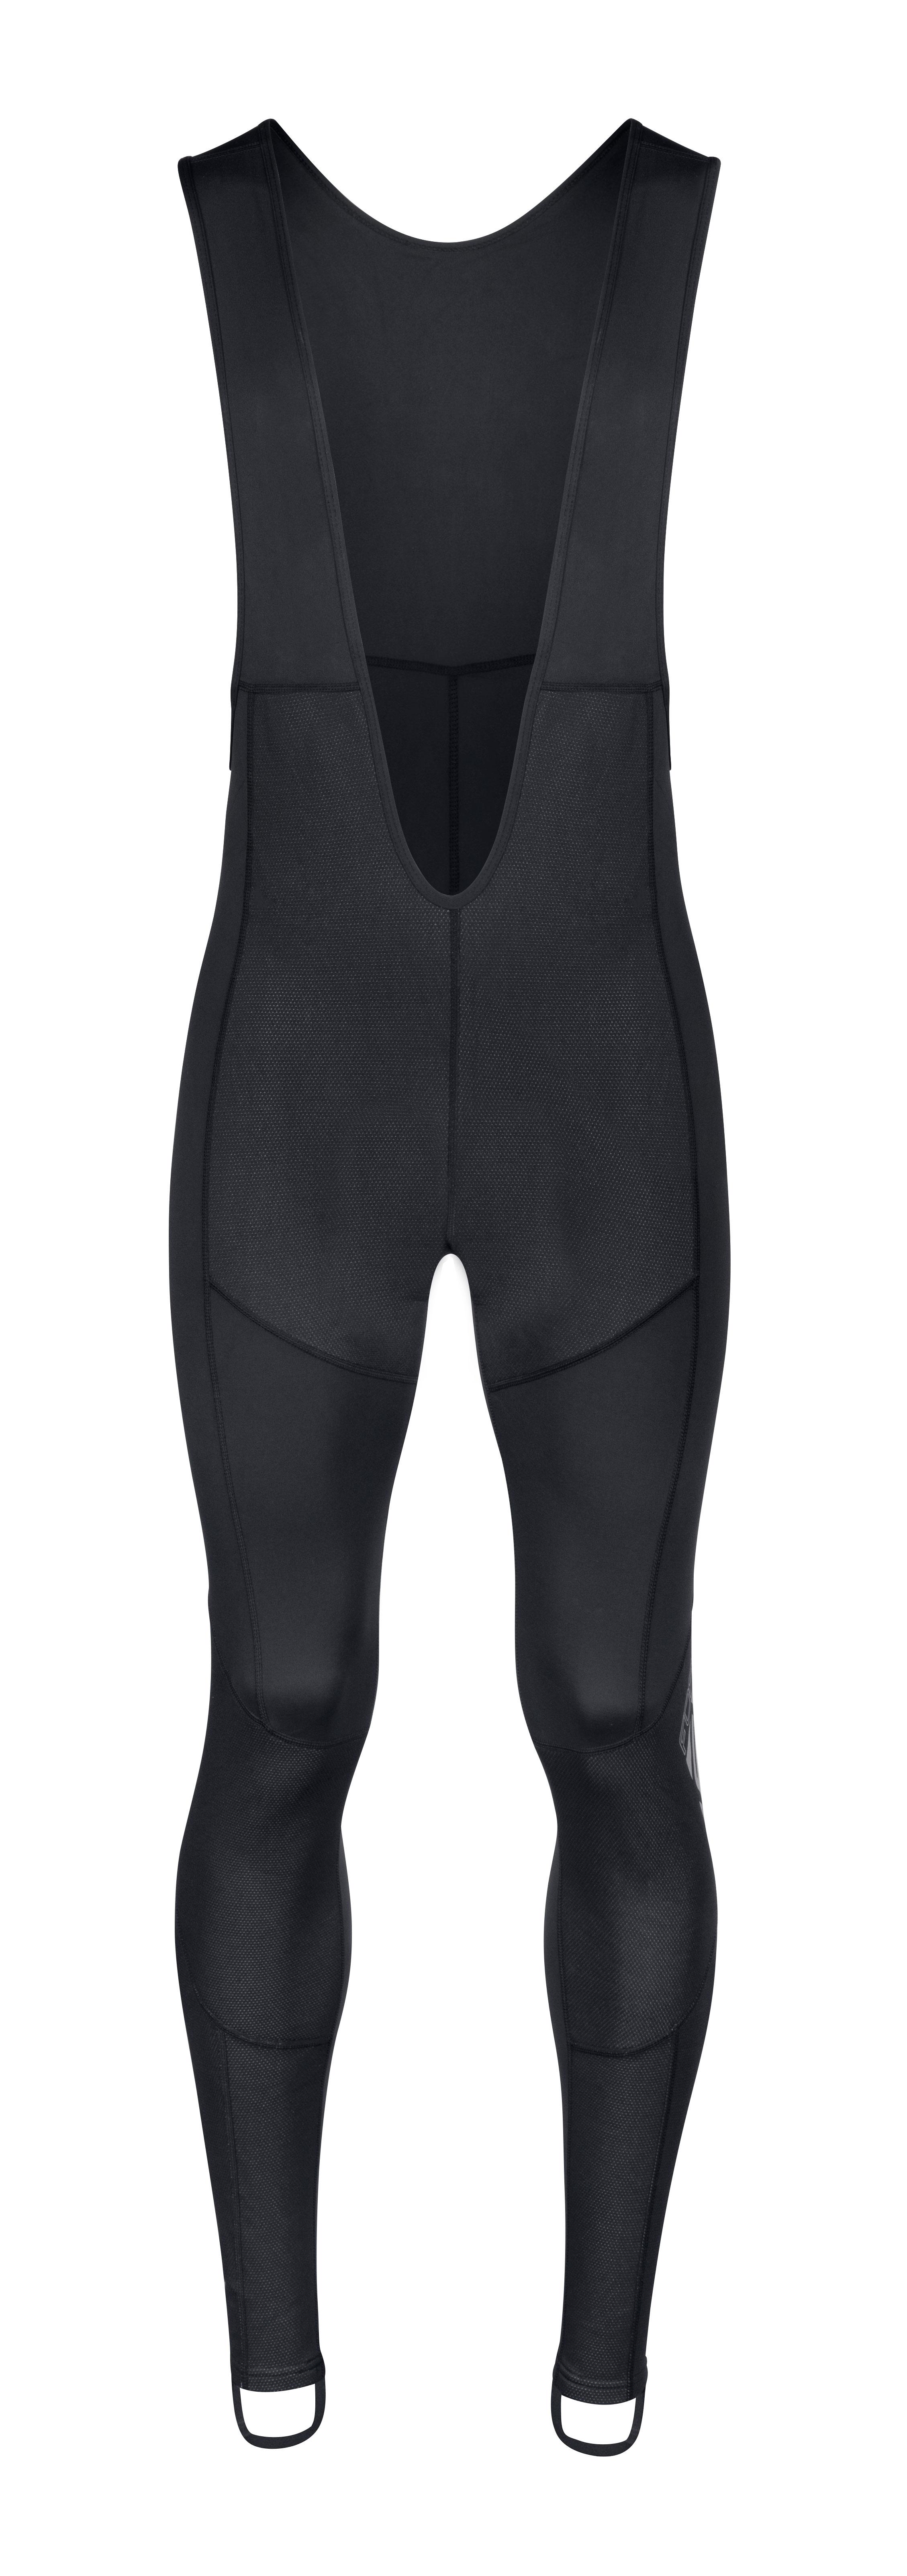 kalhoty FORCE WINDSTER Z68 PRO se šráky bez vložky, S